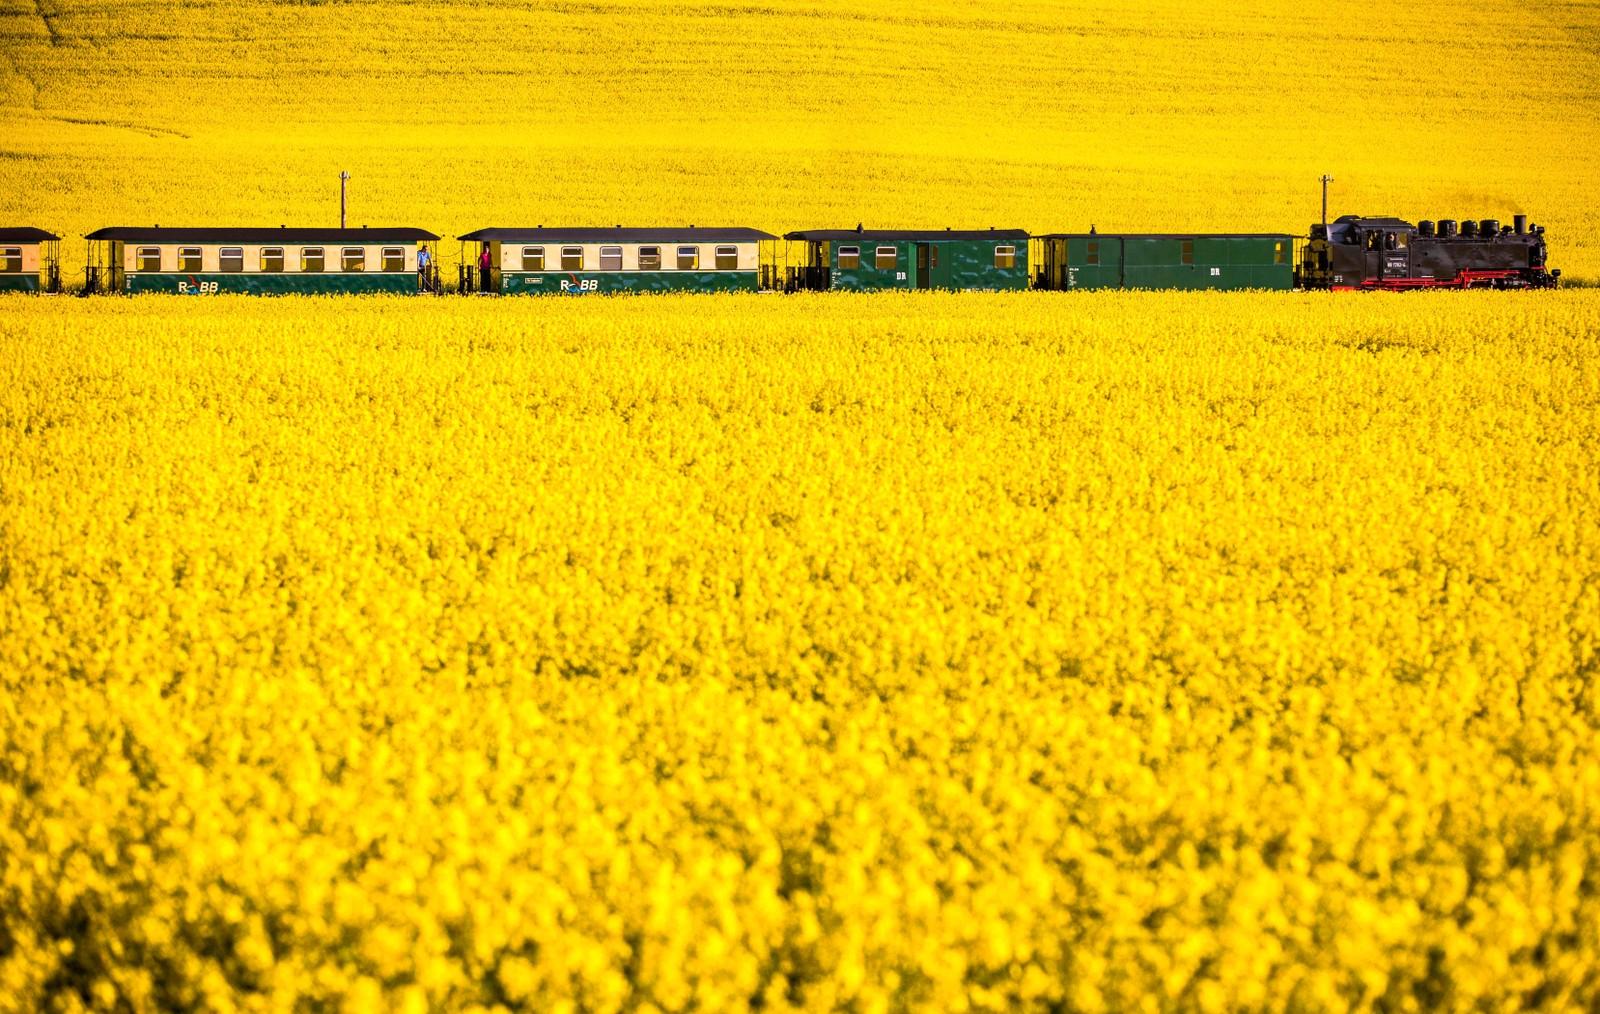 Et damplokomotiv av typen 99 1782-4 fra 1953 tøffer gjennom et landskap ved Posewald i Tyskland.